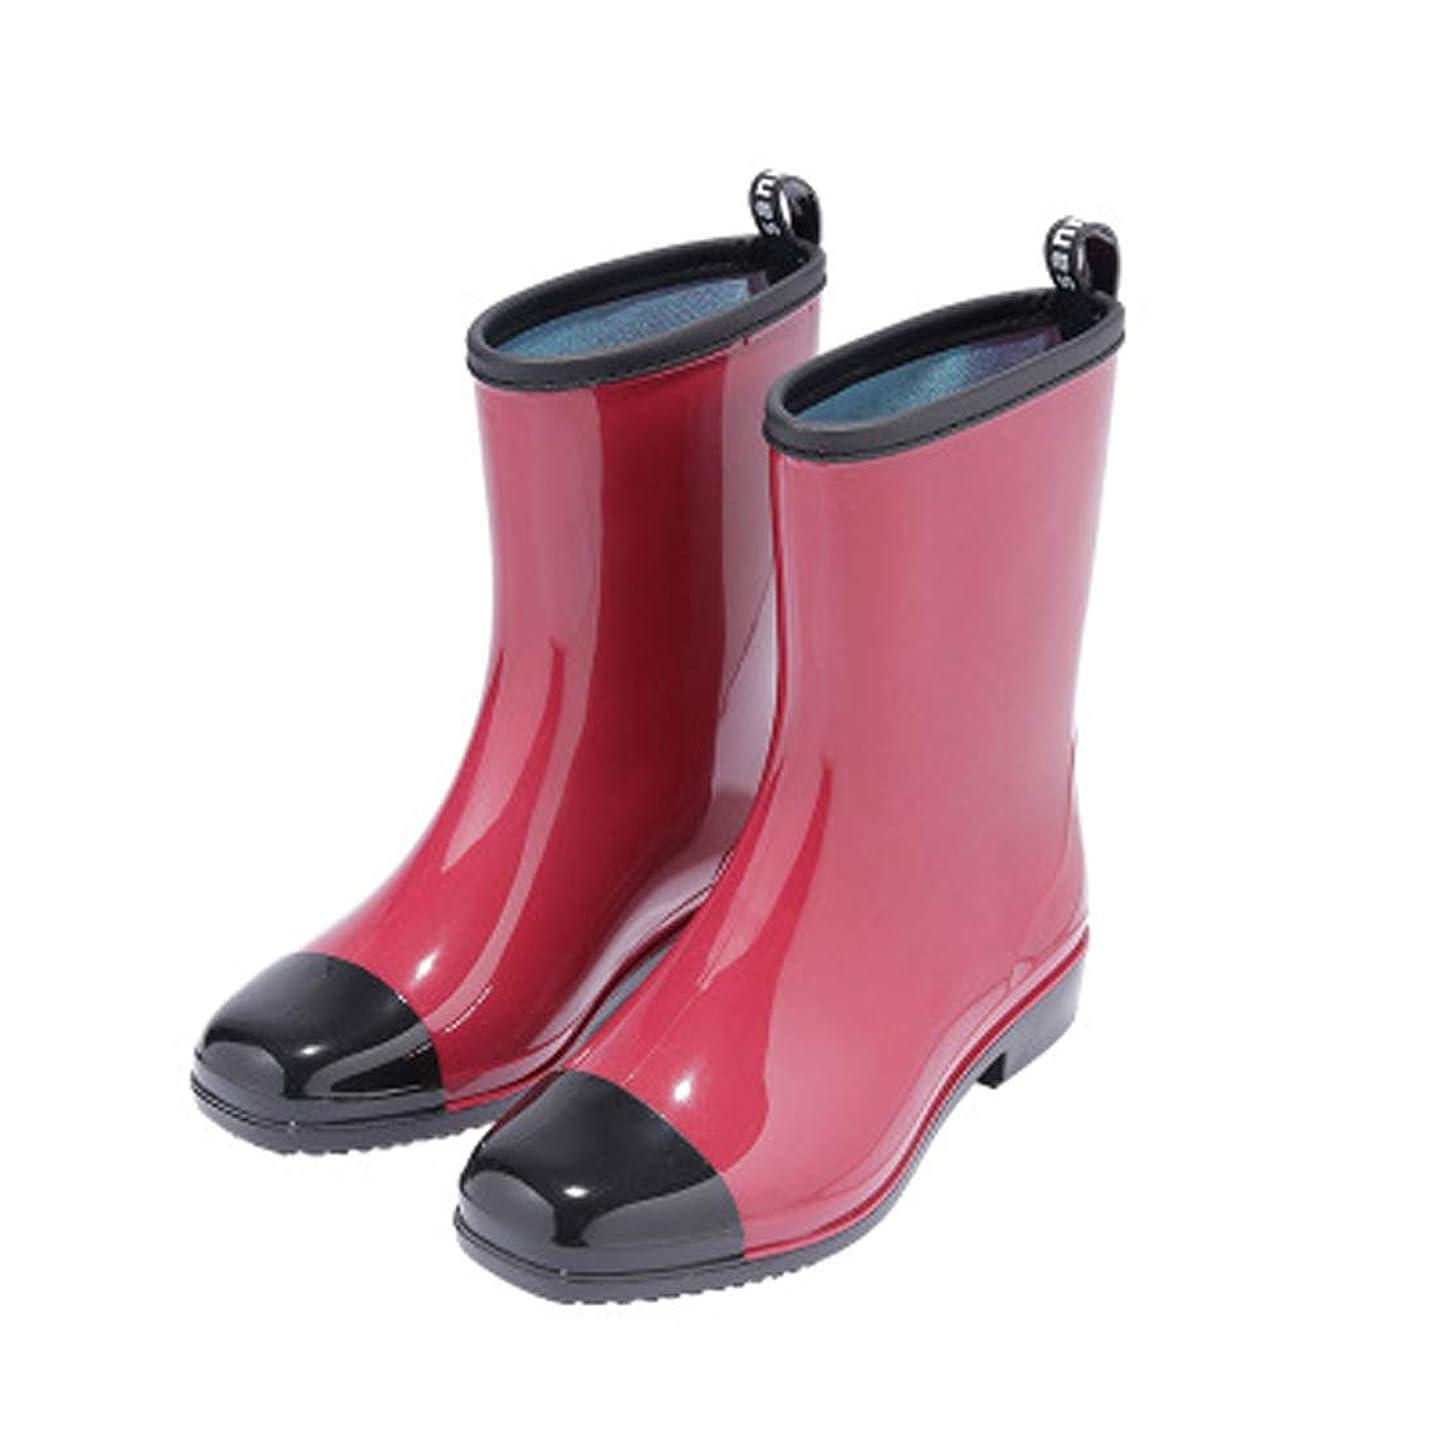 レベルインクホイットニー[ライフ物語] レディース レインブーツ 女の子レインシューズ 防水短靴 おしゃれ雨靴 大人雨具ラバーシューズ 可愛い